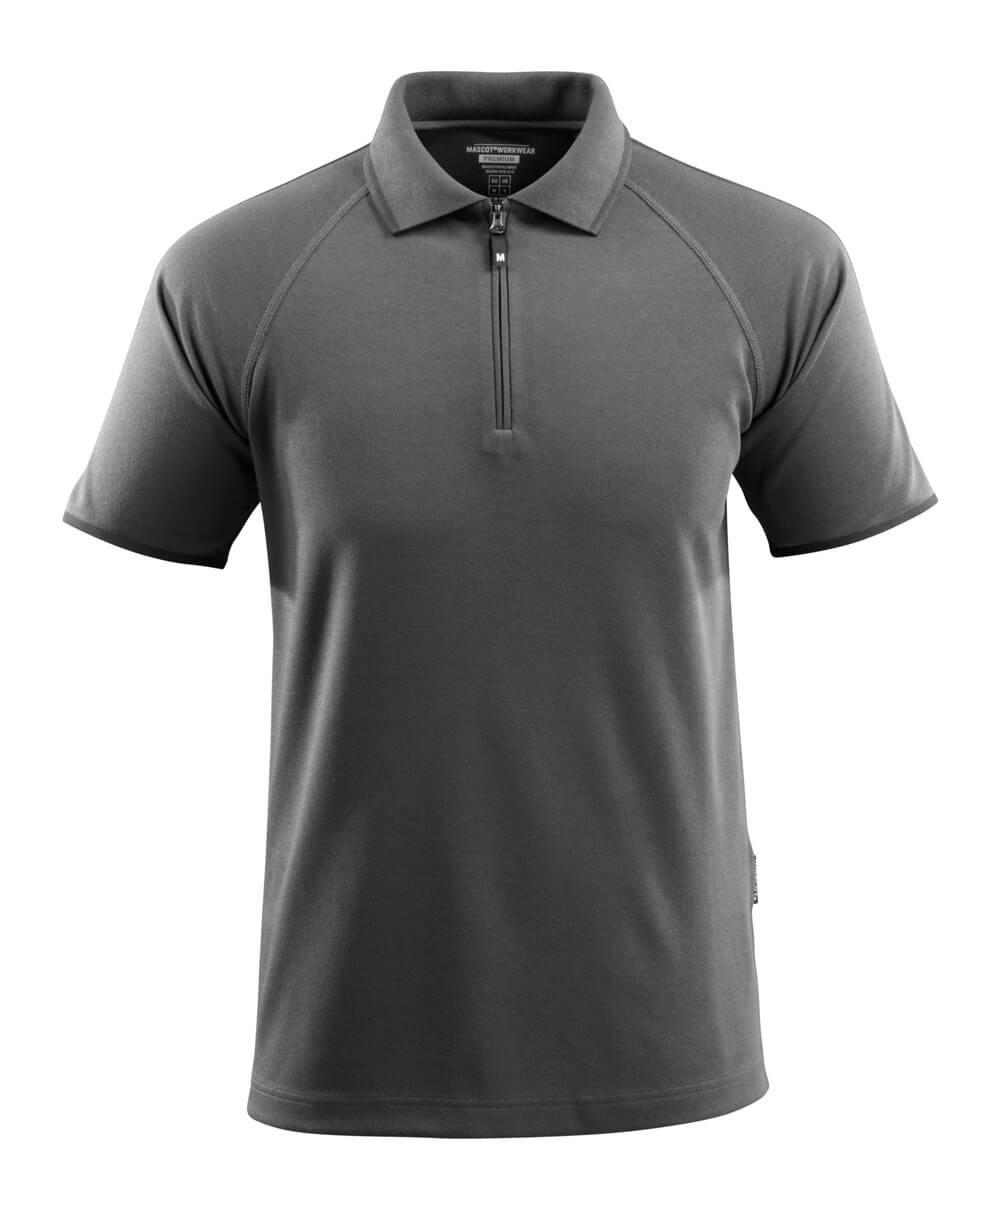 50458-978-18 Polo-Shirt - Dunkelanthrazit